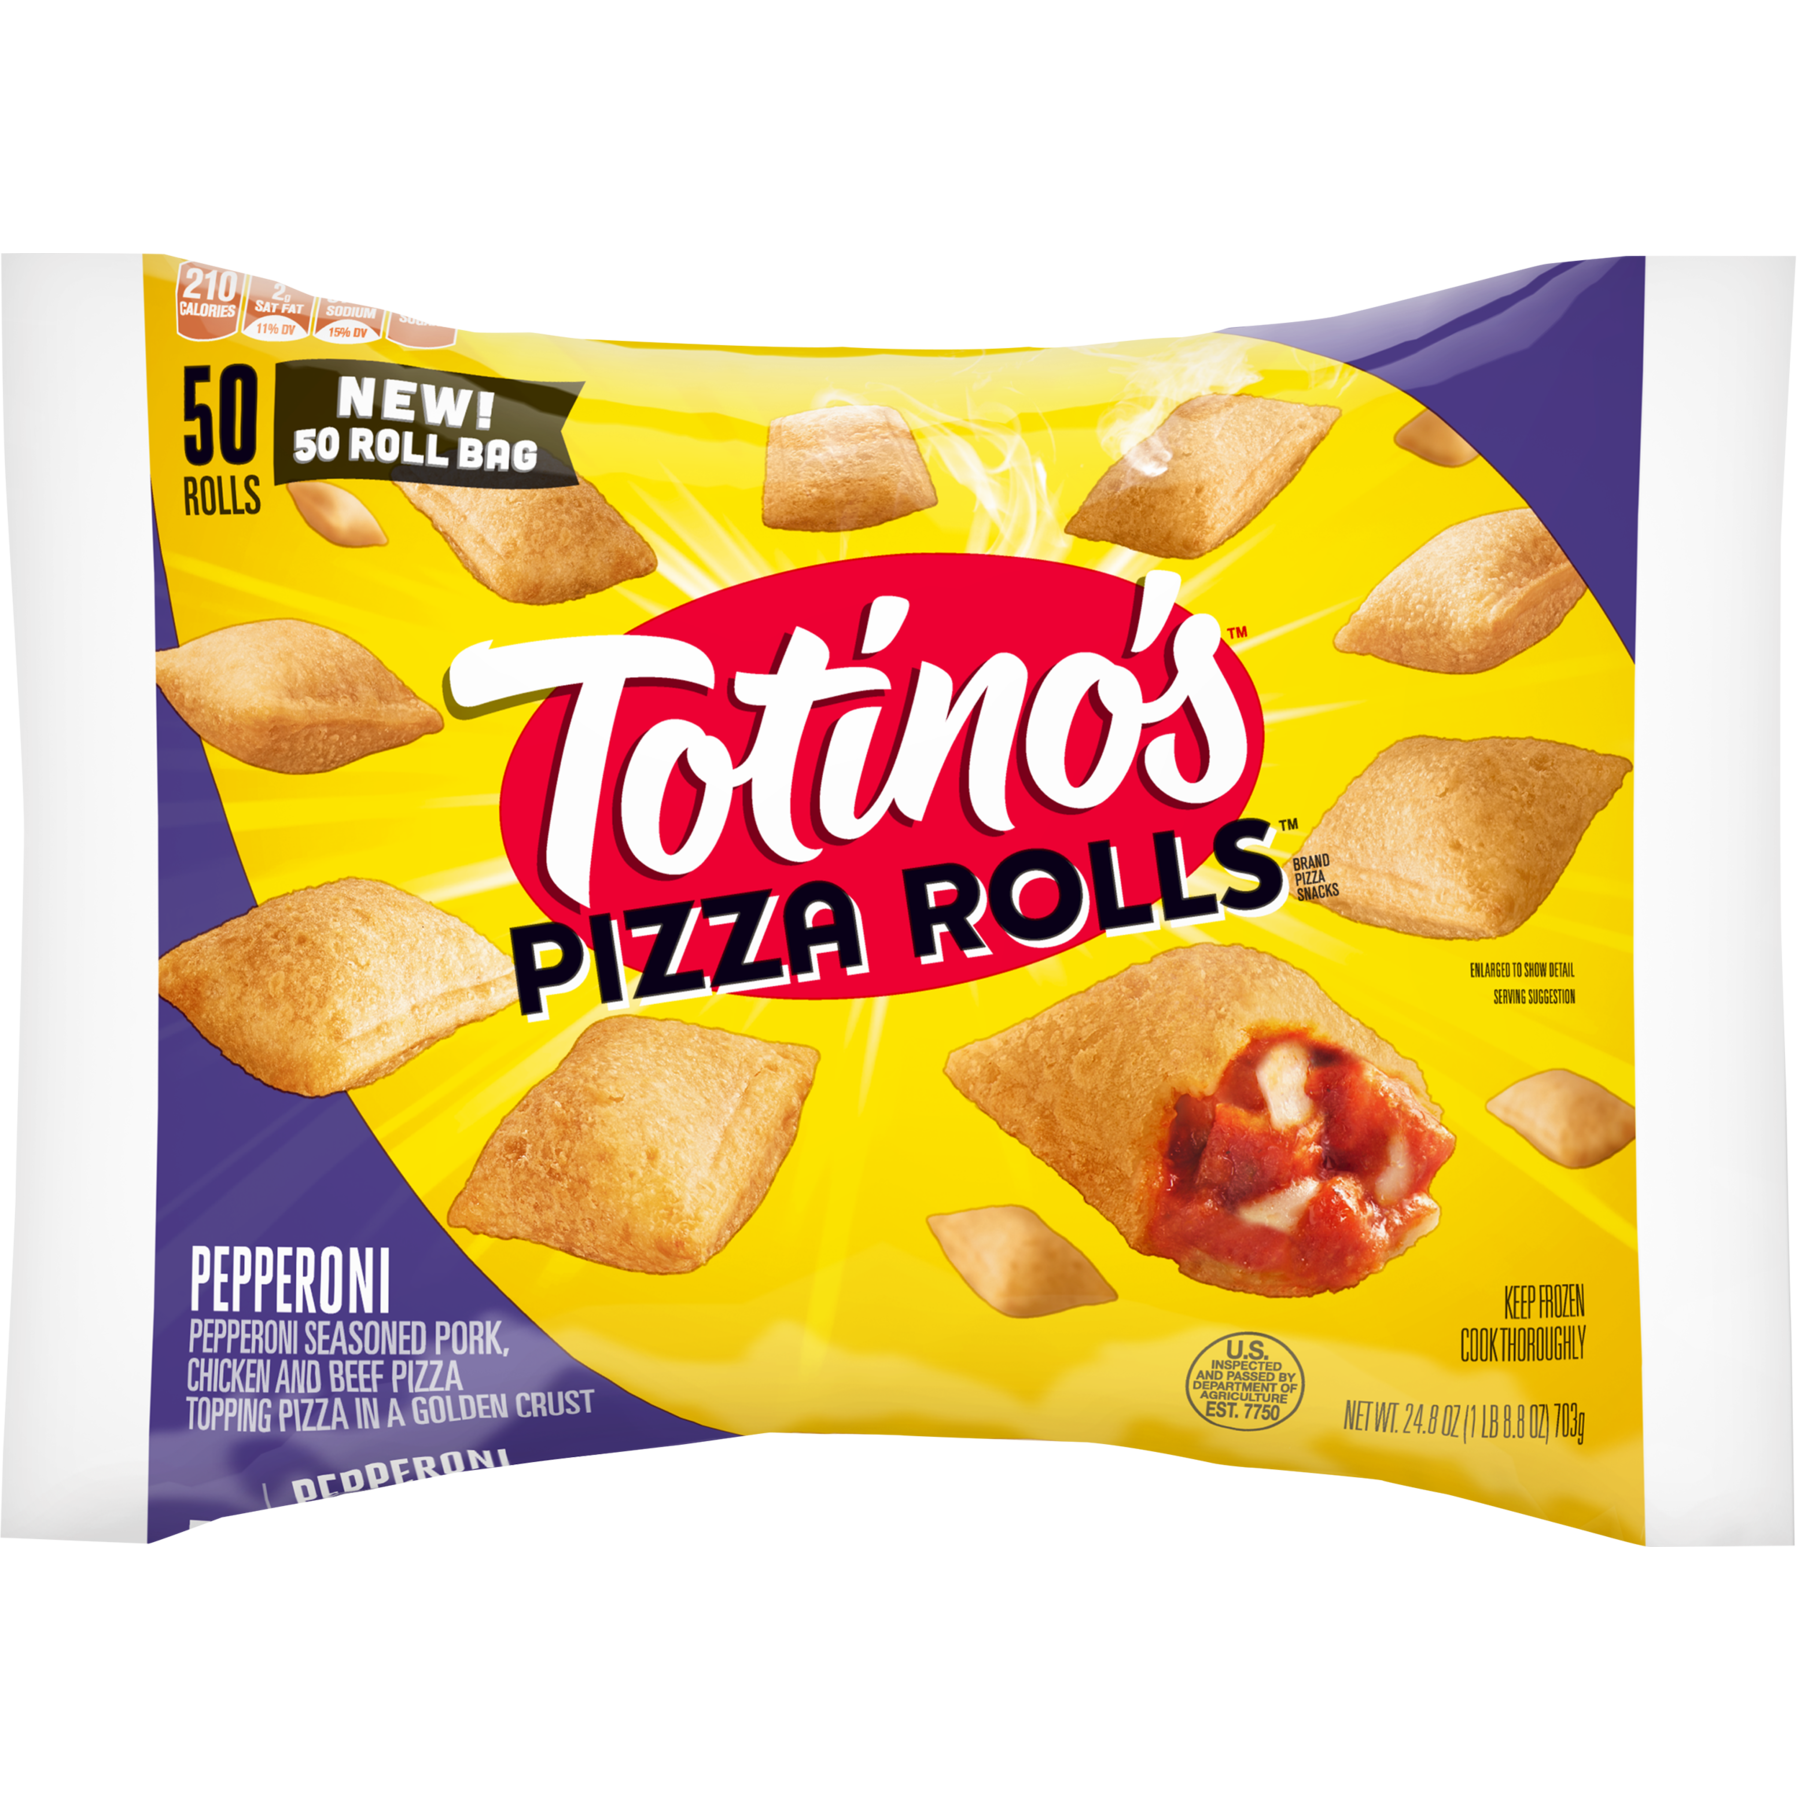 Totino S Pizza Rolls Pepperoni 50 Rolls 24 8 Oz Bag Walmart Com Walmart Com